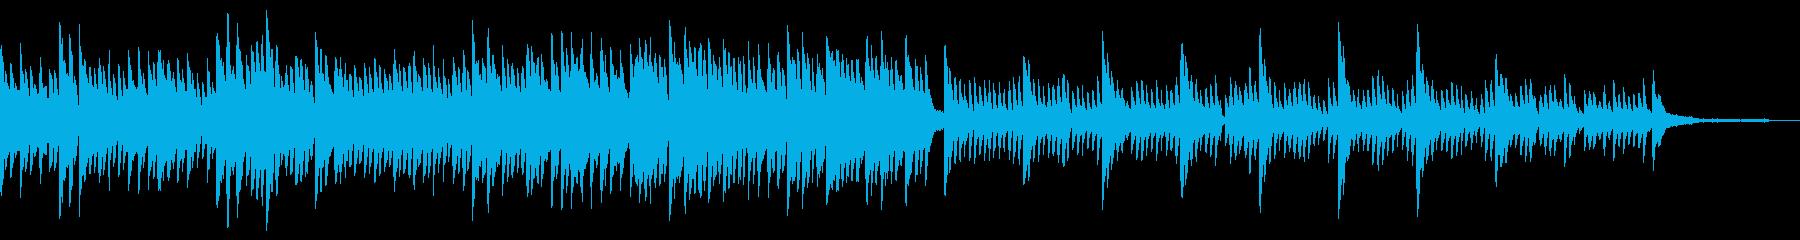 簡単に聴けるピアノ楽器。感傷的でデ...の再生済みの波形